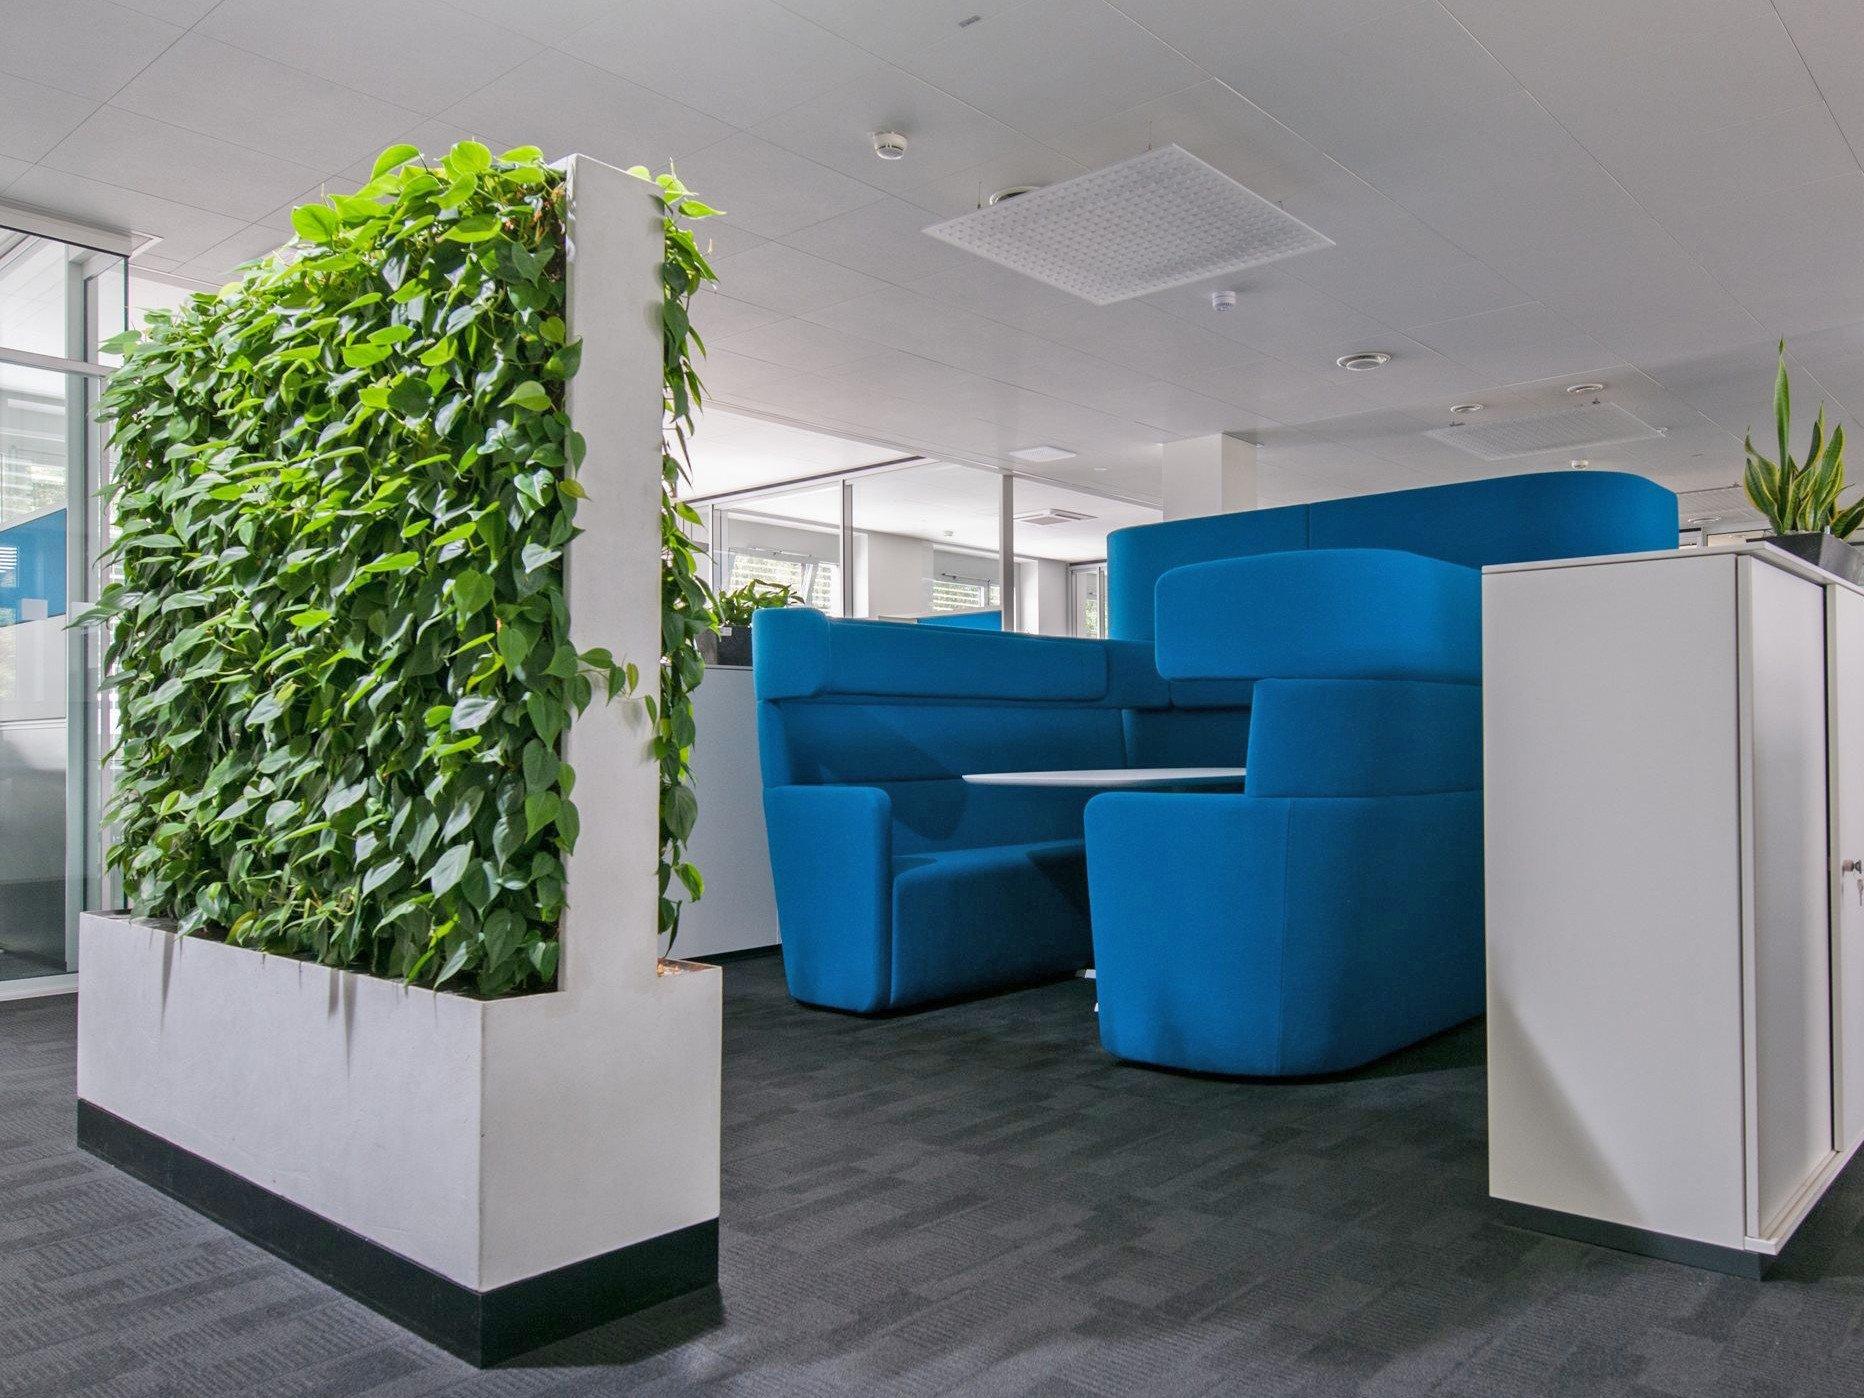 lehmbauplatten mit integrierter heizung gesund bauen news produkte baunetz wissen. Black Bedroom Furniture Sets. Home Design Ideas